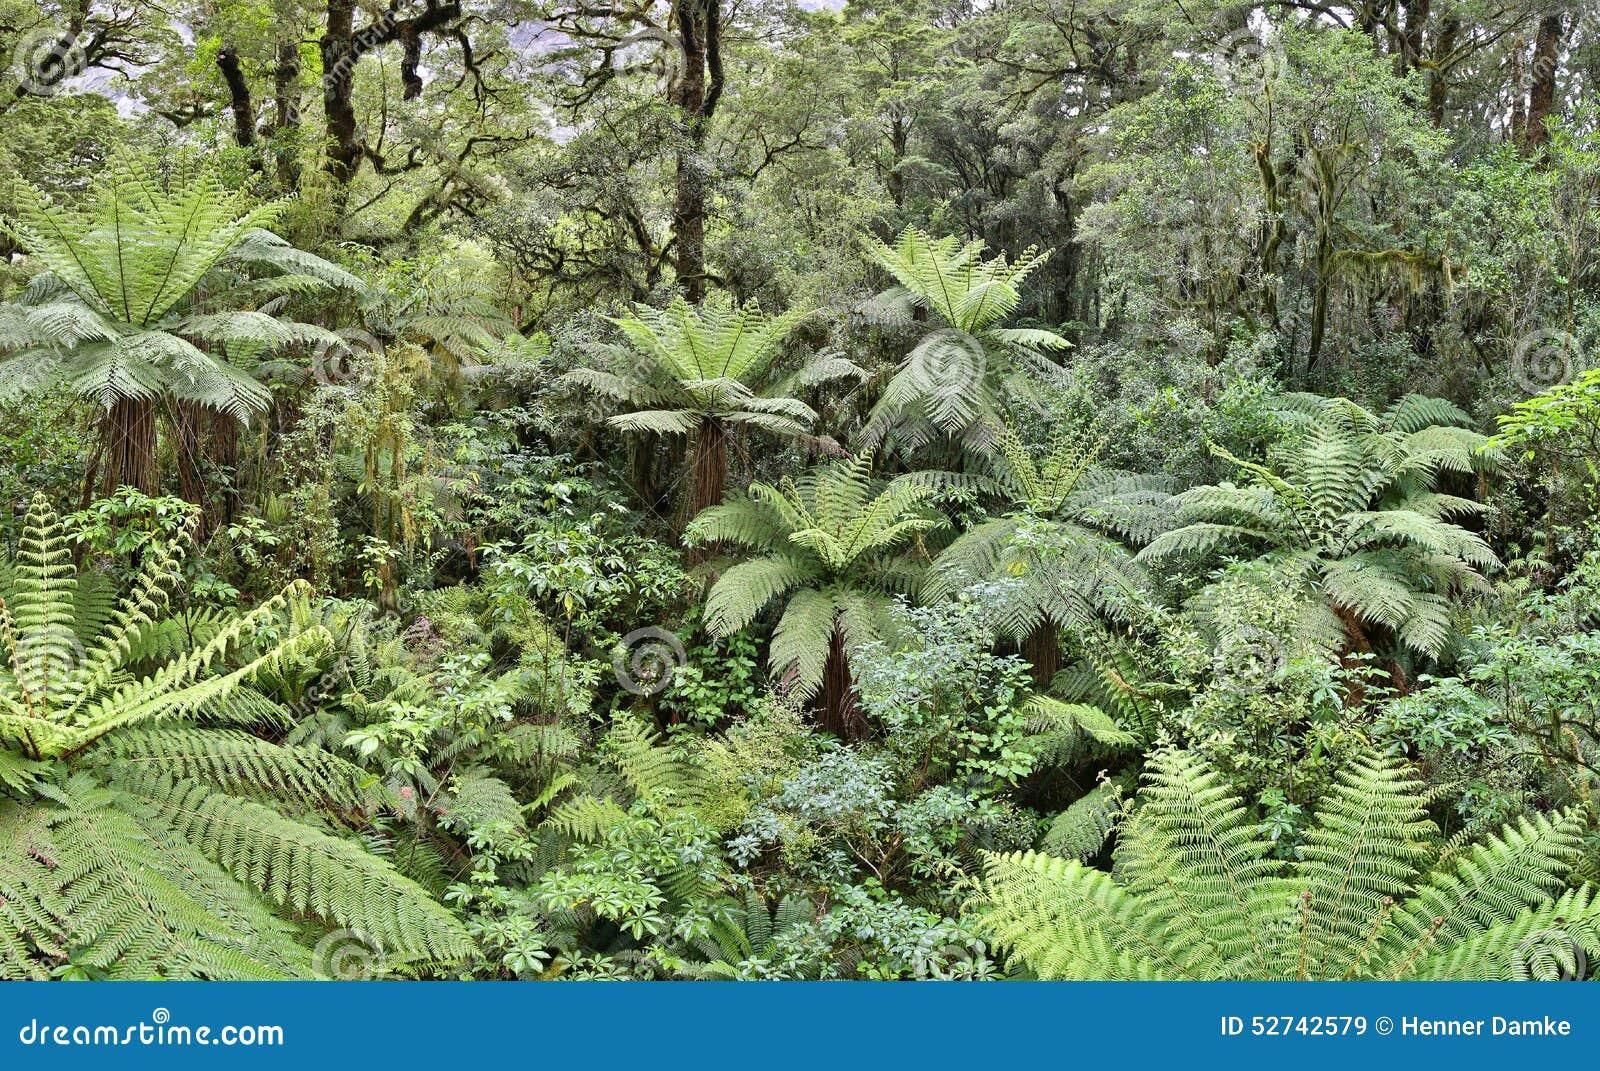 Floresta úmida temperada com árvores da samambaia (Fjordland, Nova Zelândia)